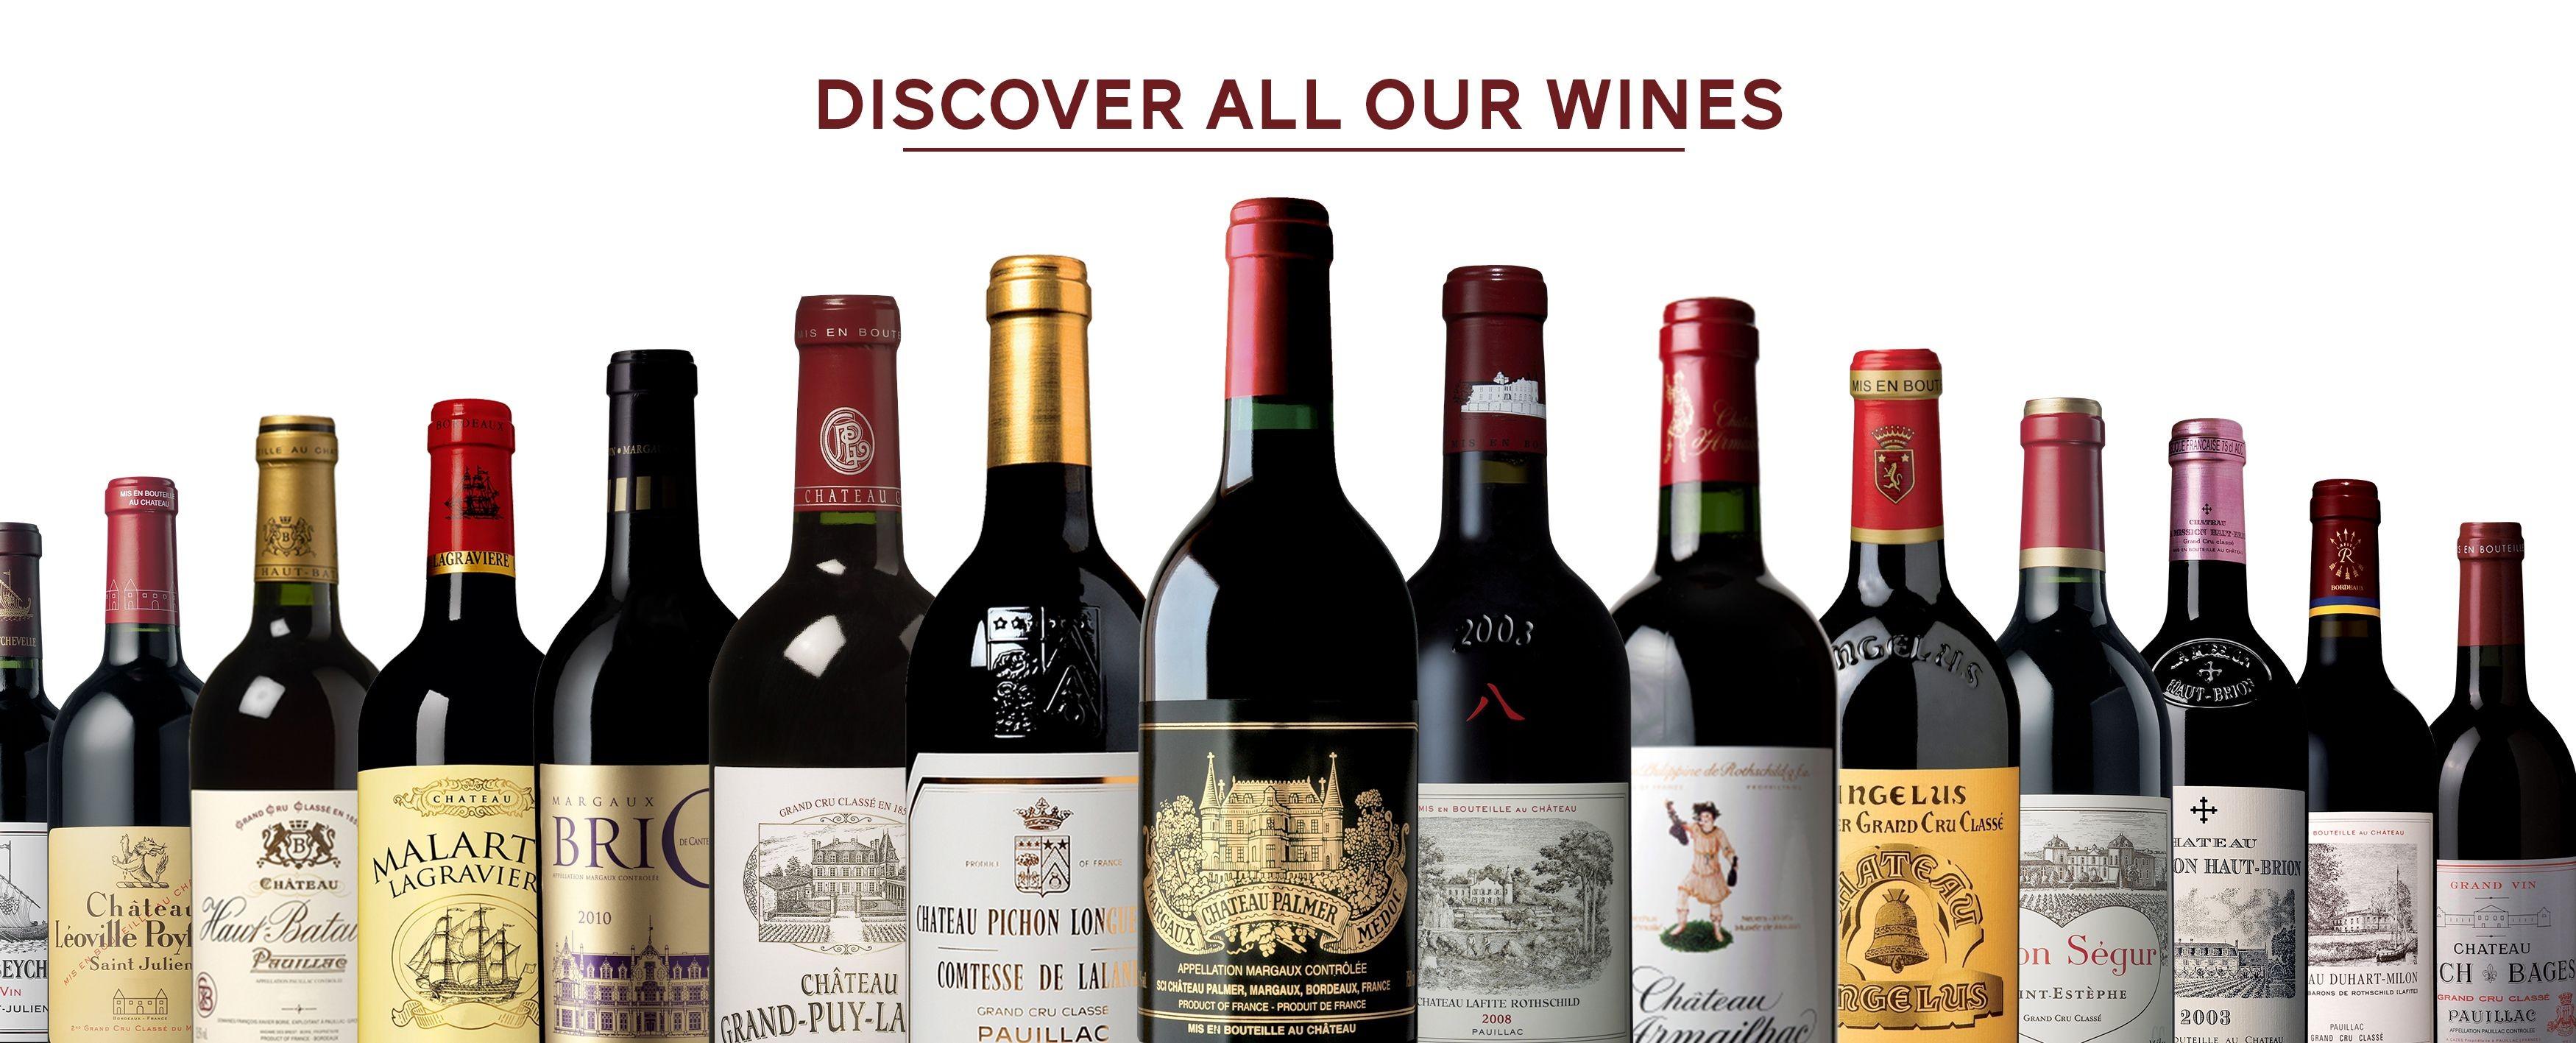 Bordeaux, Crus Classés and 2nd Vin